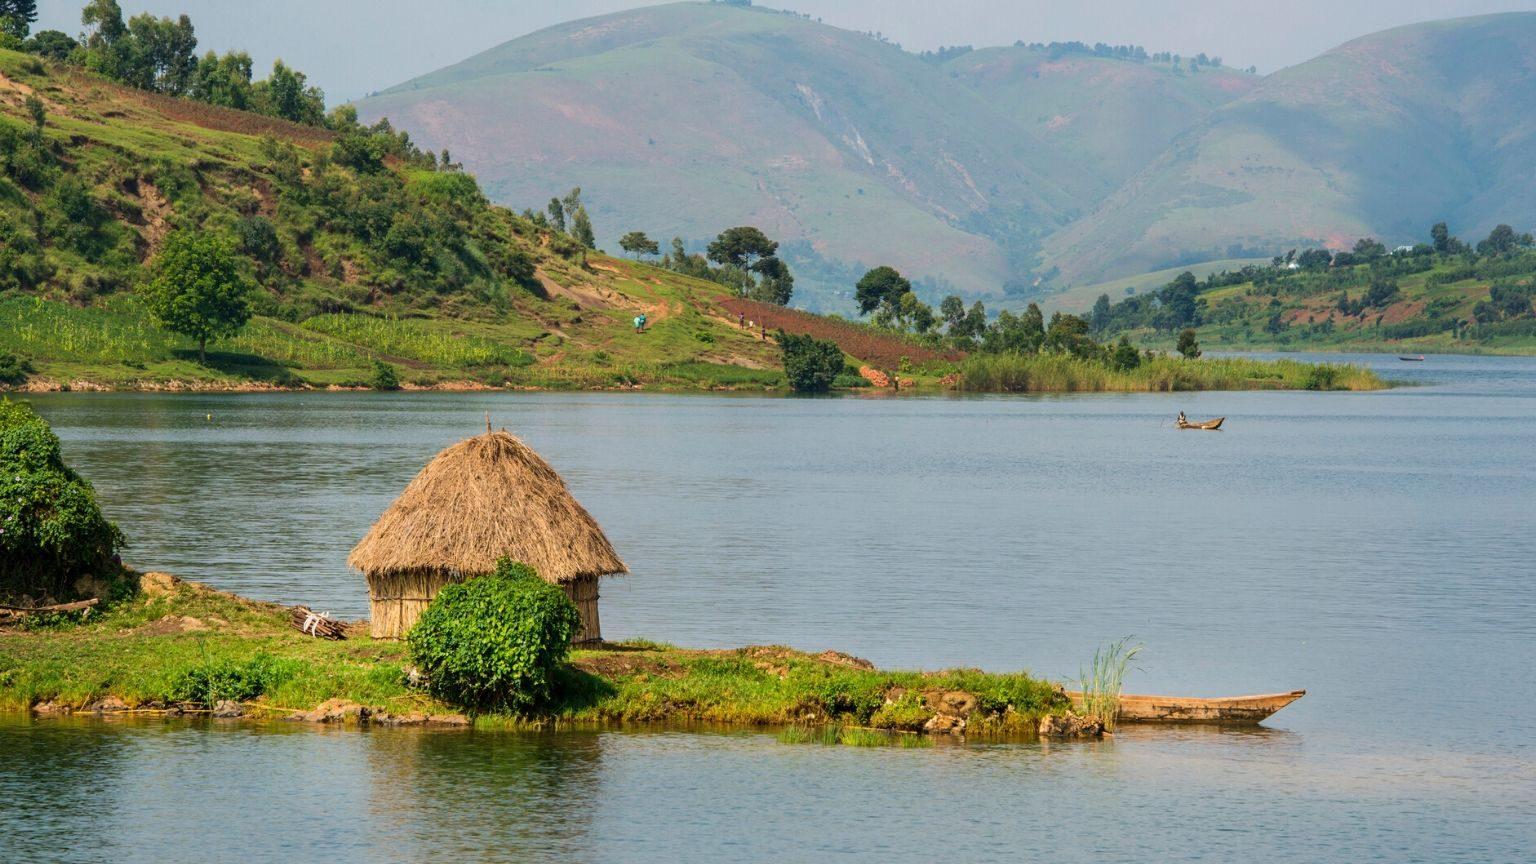 Lake Kivu in Congo DRC